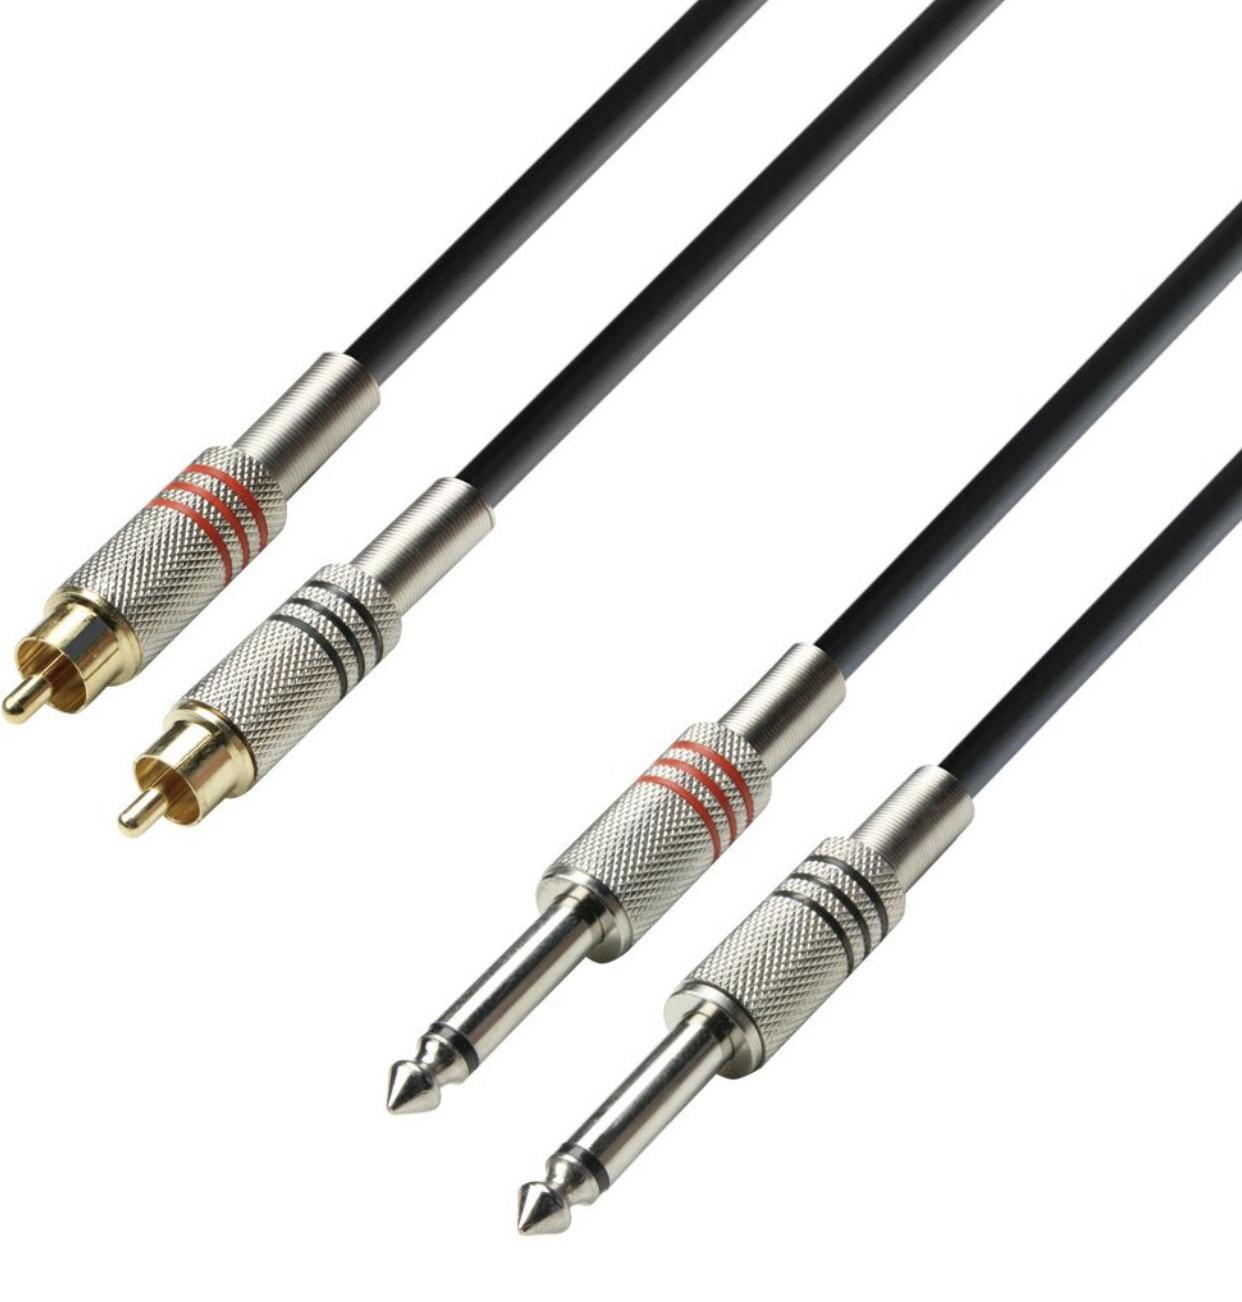 Adam Hall Cables K3TPC0300 Audiokabel 2 x Cinch male auf 2 x 6,3mm Klinke mono 3m